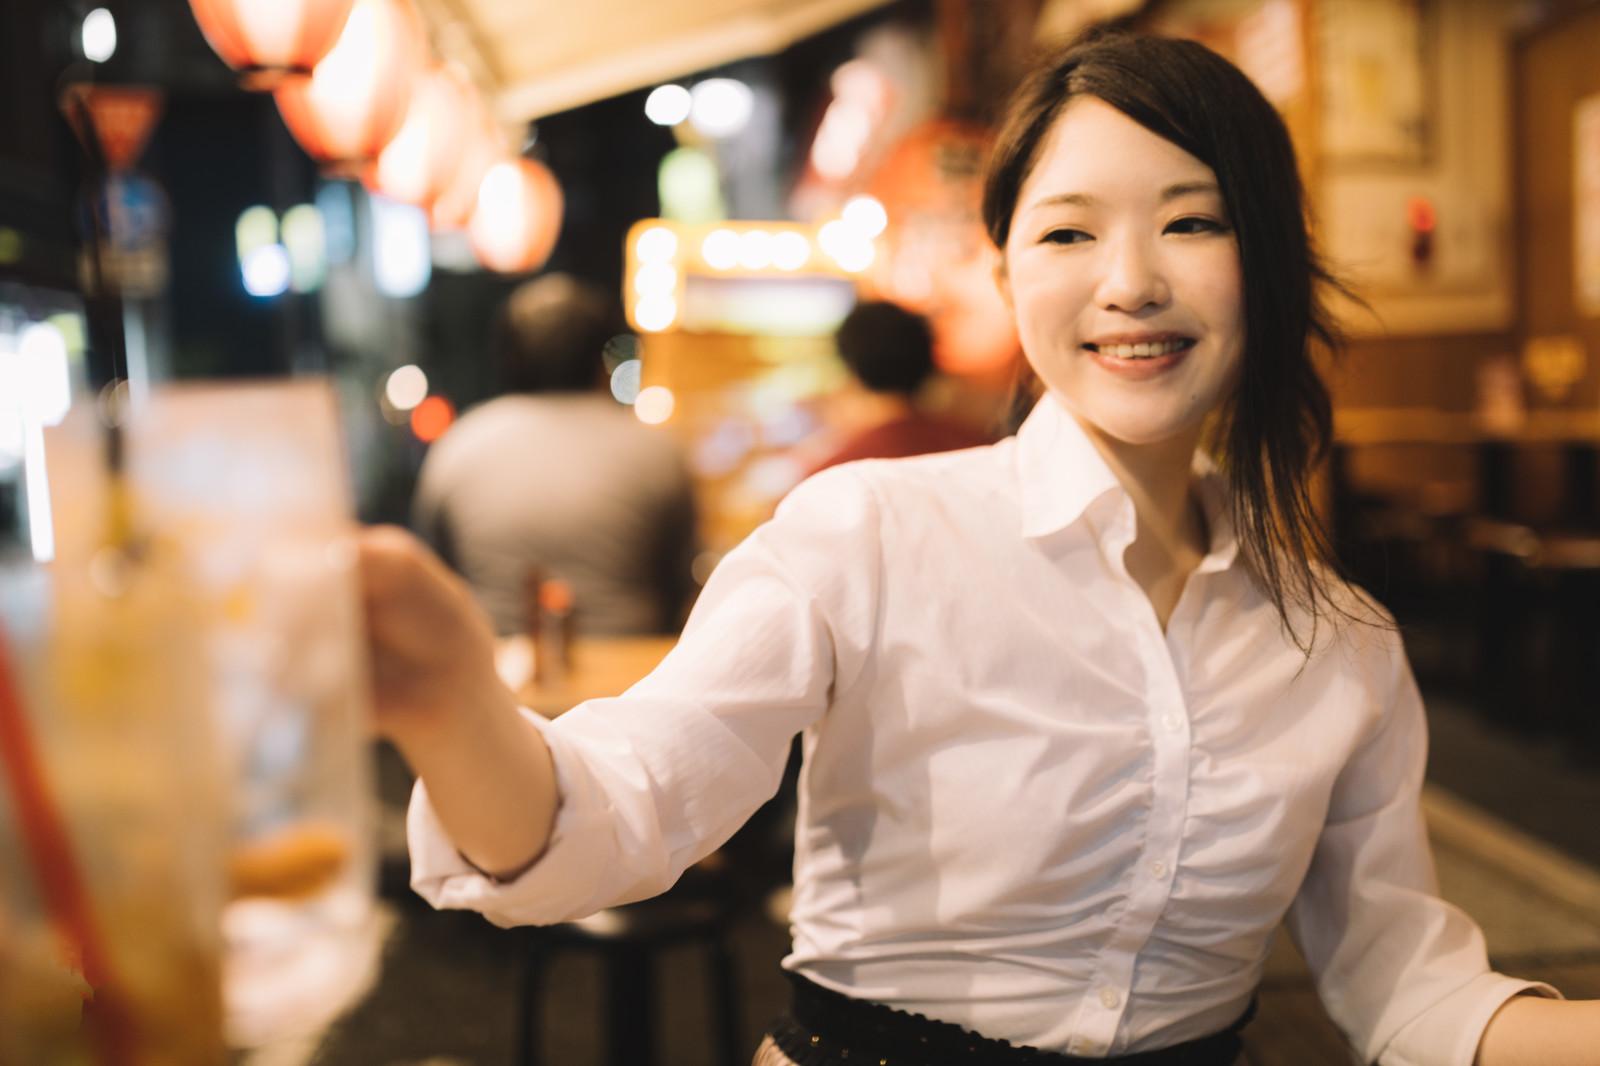 赤坂の居酒屋!安くてうまい人気の店!おすすめの名店や穴場も!